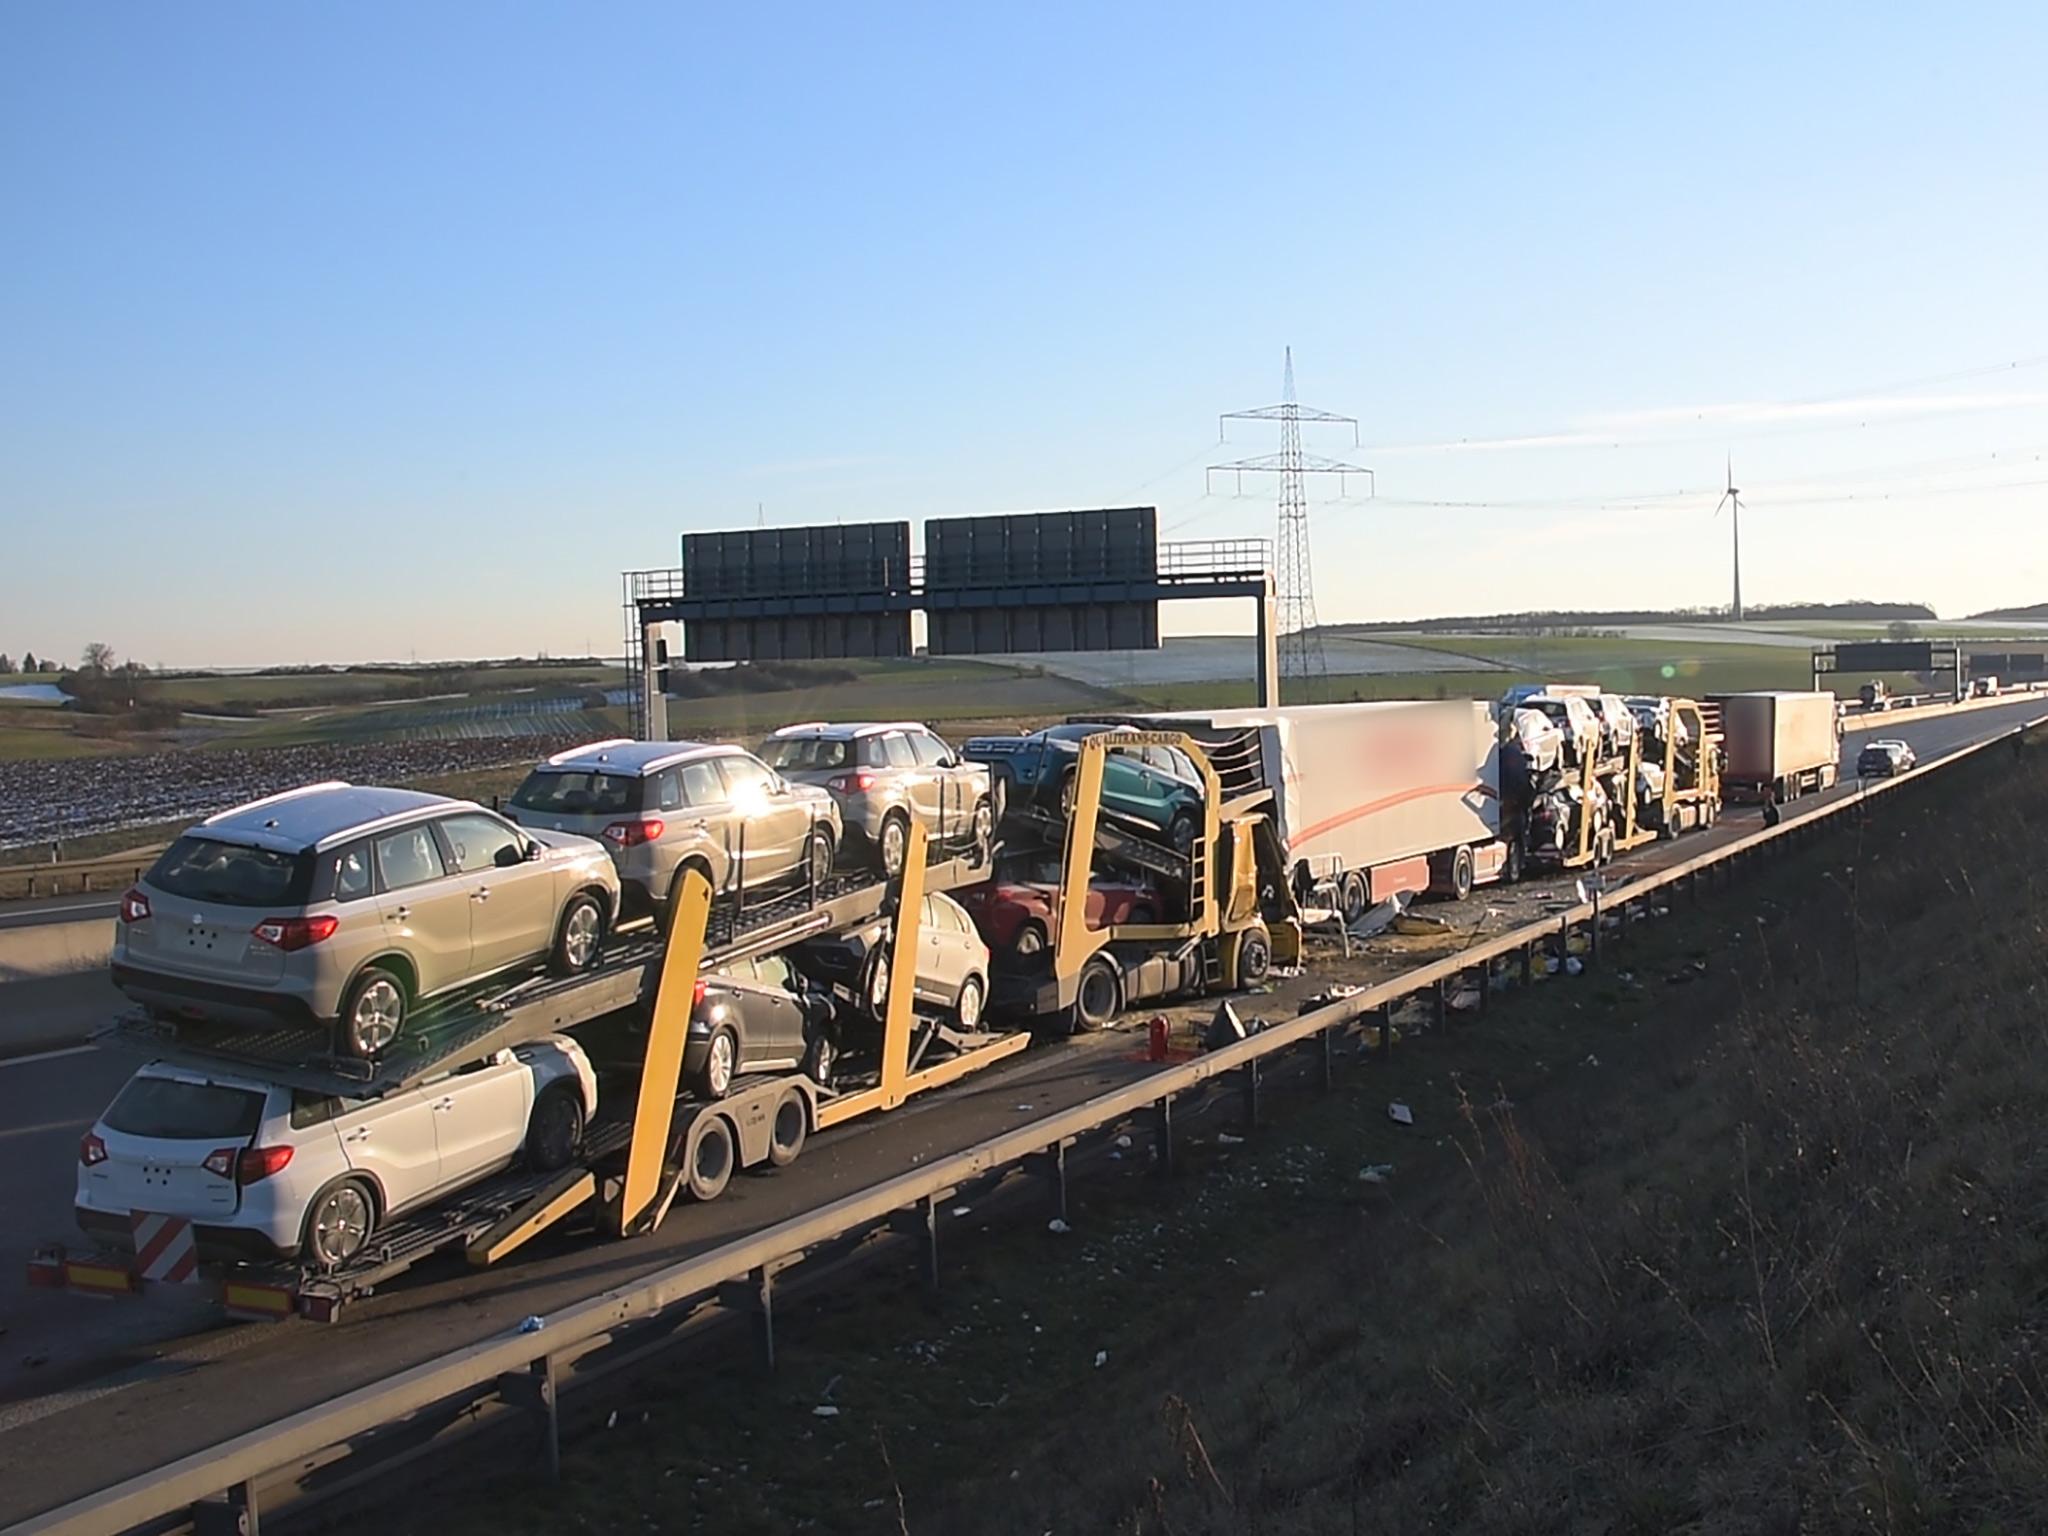 Zwei Personen sind schwer verletzt worden. Ein 34 Jahre alter Lkw-Fahrer aus Ungarn verstarb noch an der Unfallstelle. Foto: Pascal Höfig